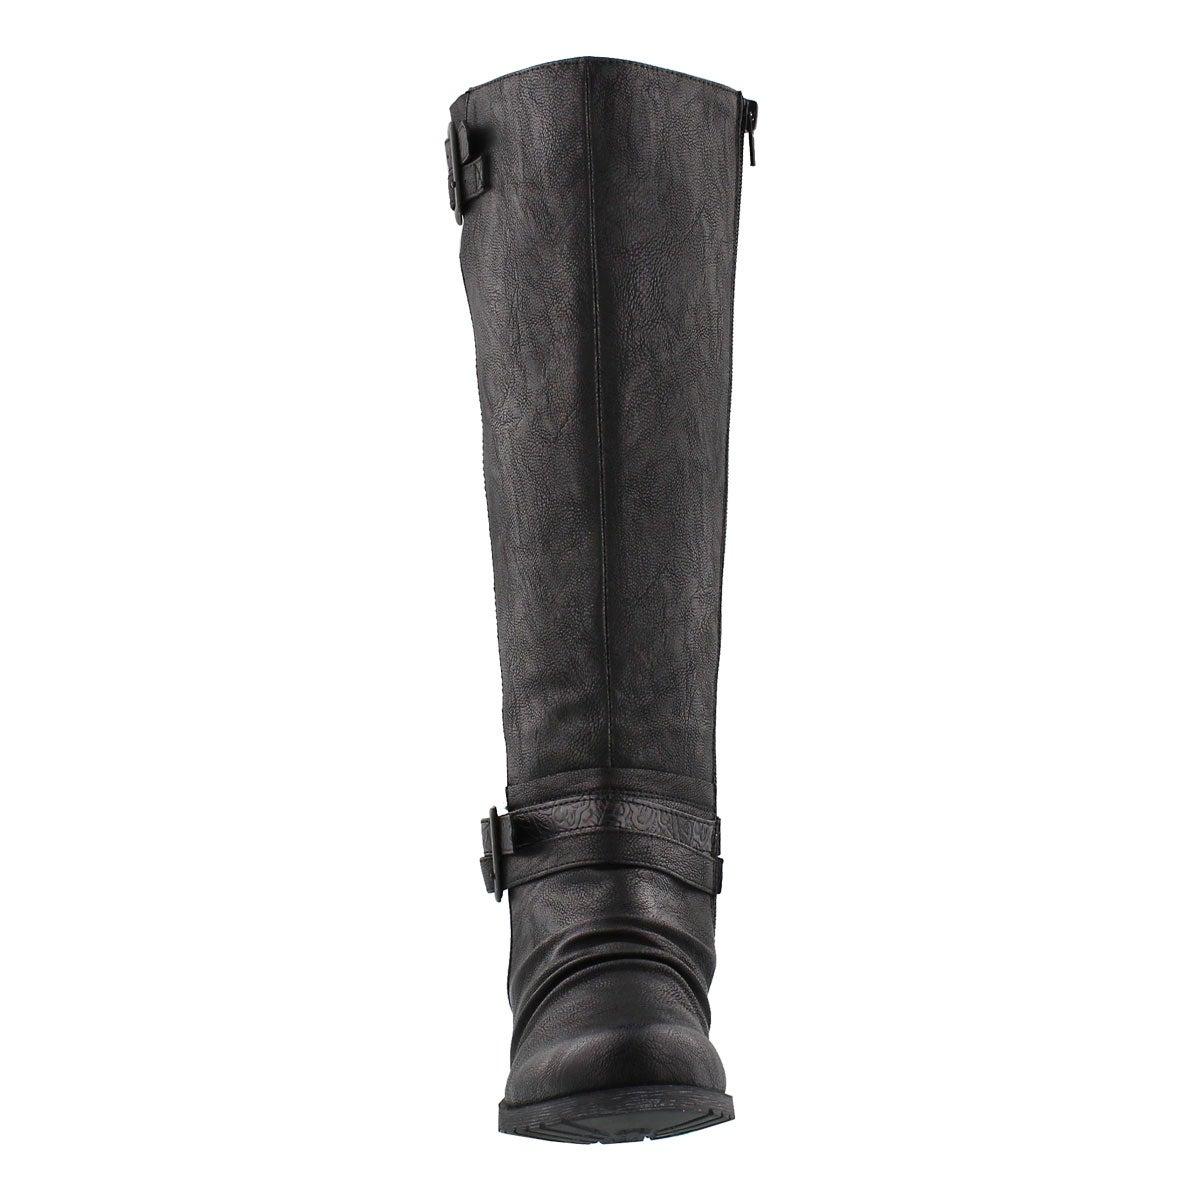 Botte d'équitation Blixi II, noir, femme